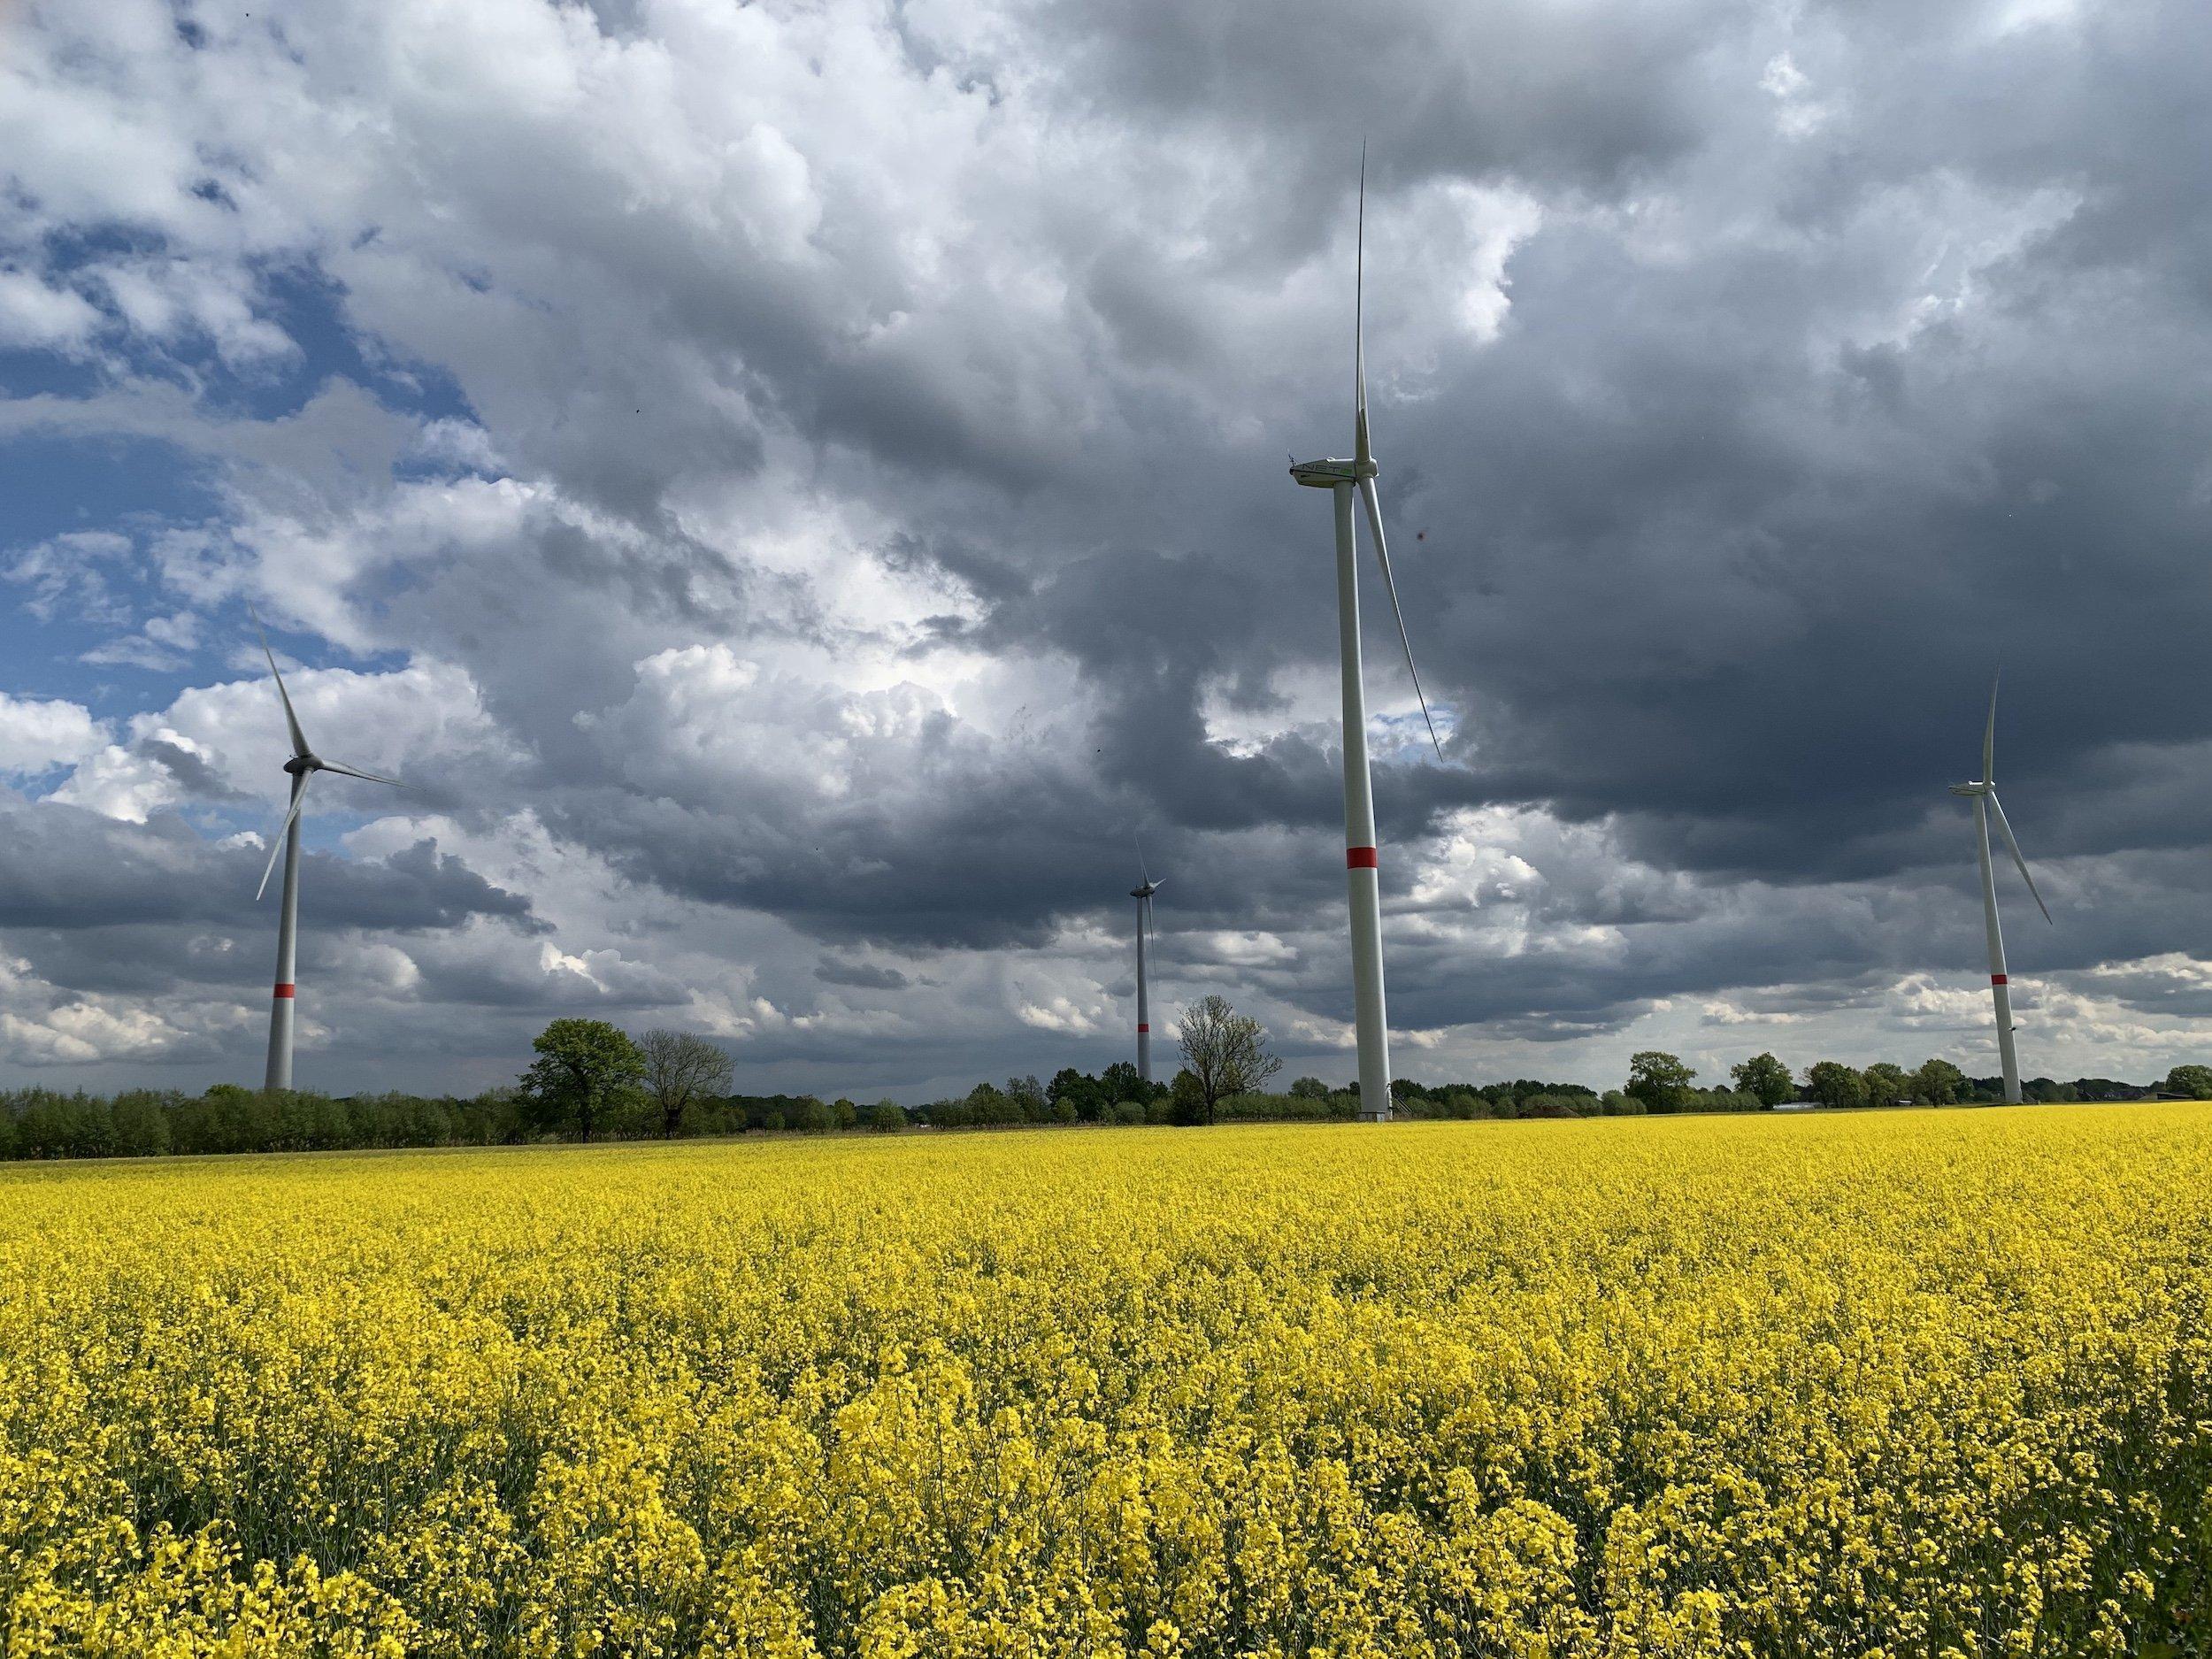 Einige Windräder über einem blühenden Rapsfeld, das in der Sonne leuchtet, und vor einem dramatischen Himmel mit dunklen Wolken: Der Windpark in Hamburg-Neuengamme